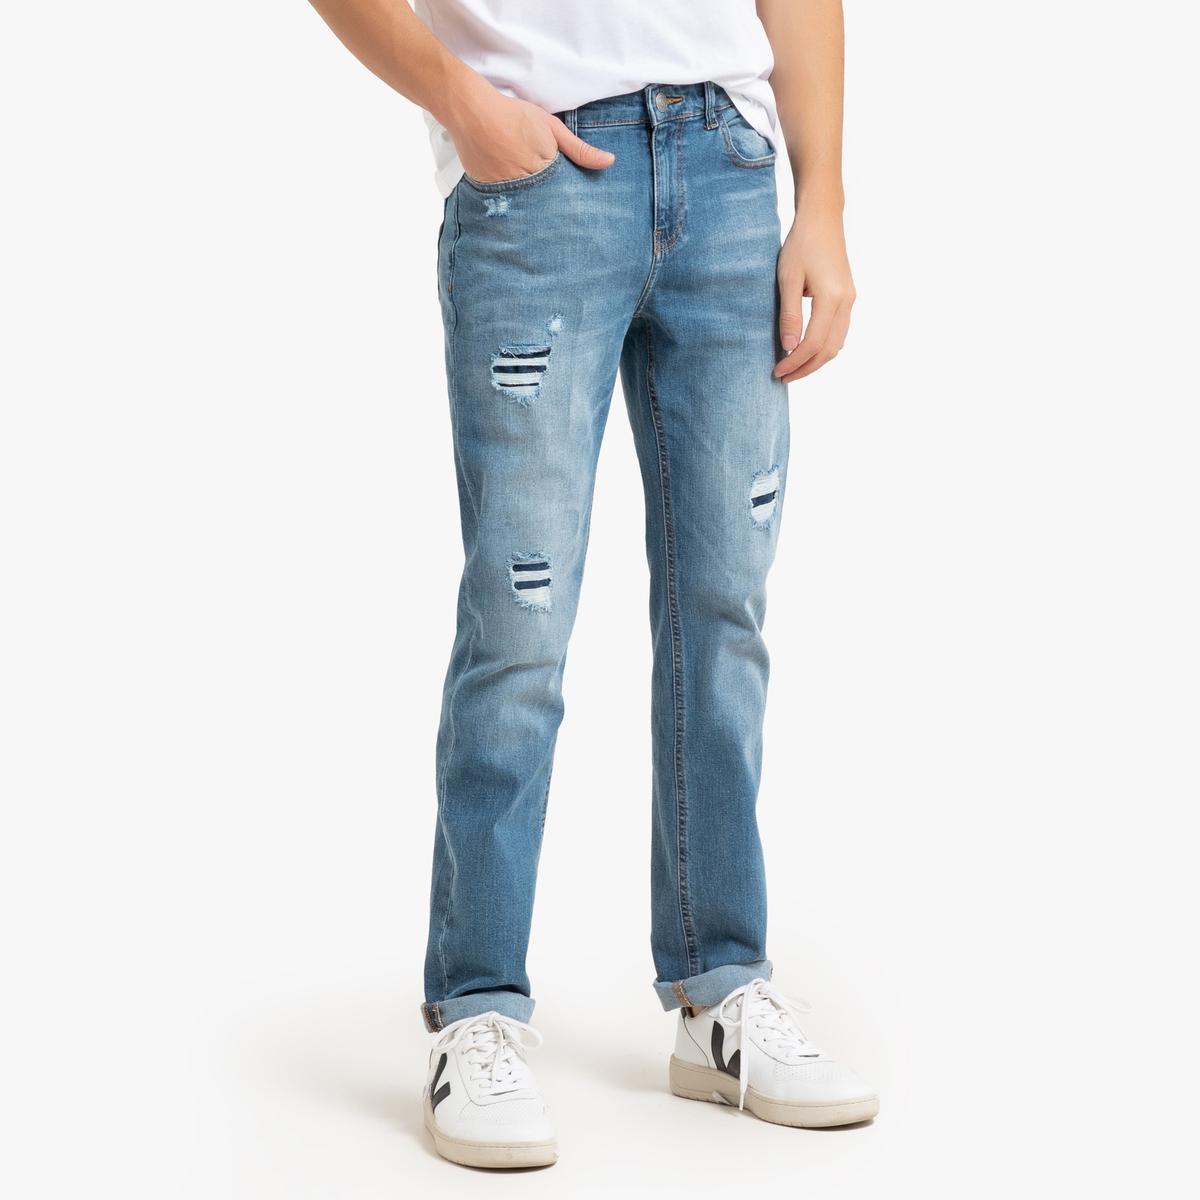 Jeans regular destroy